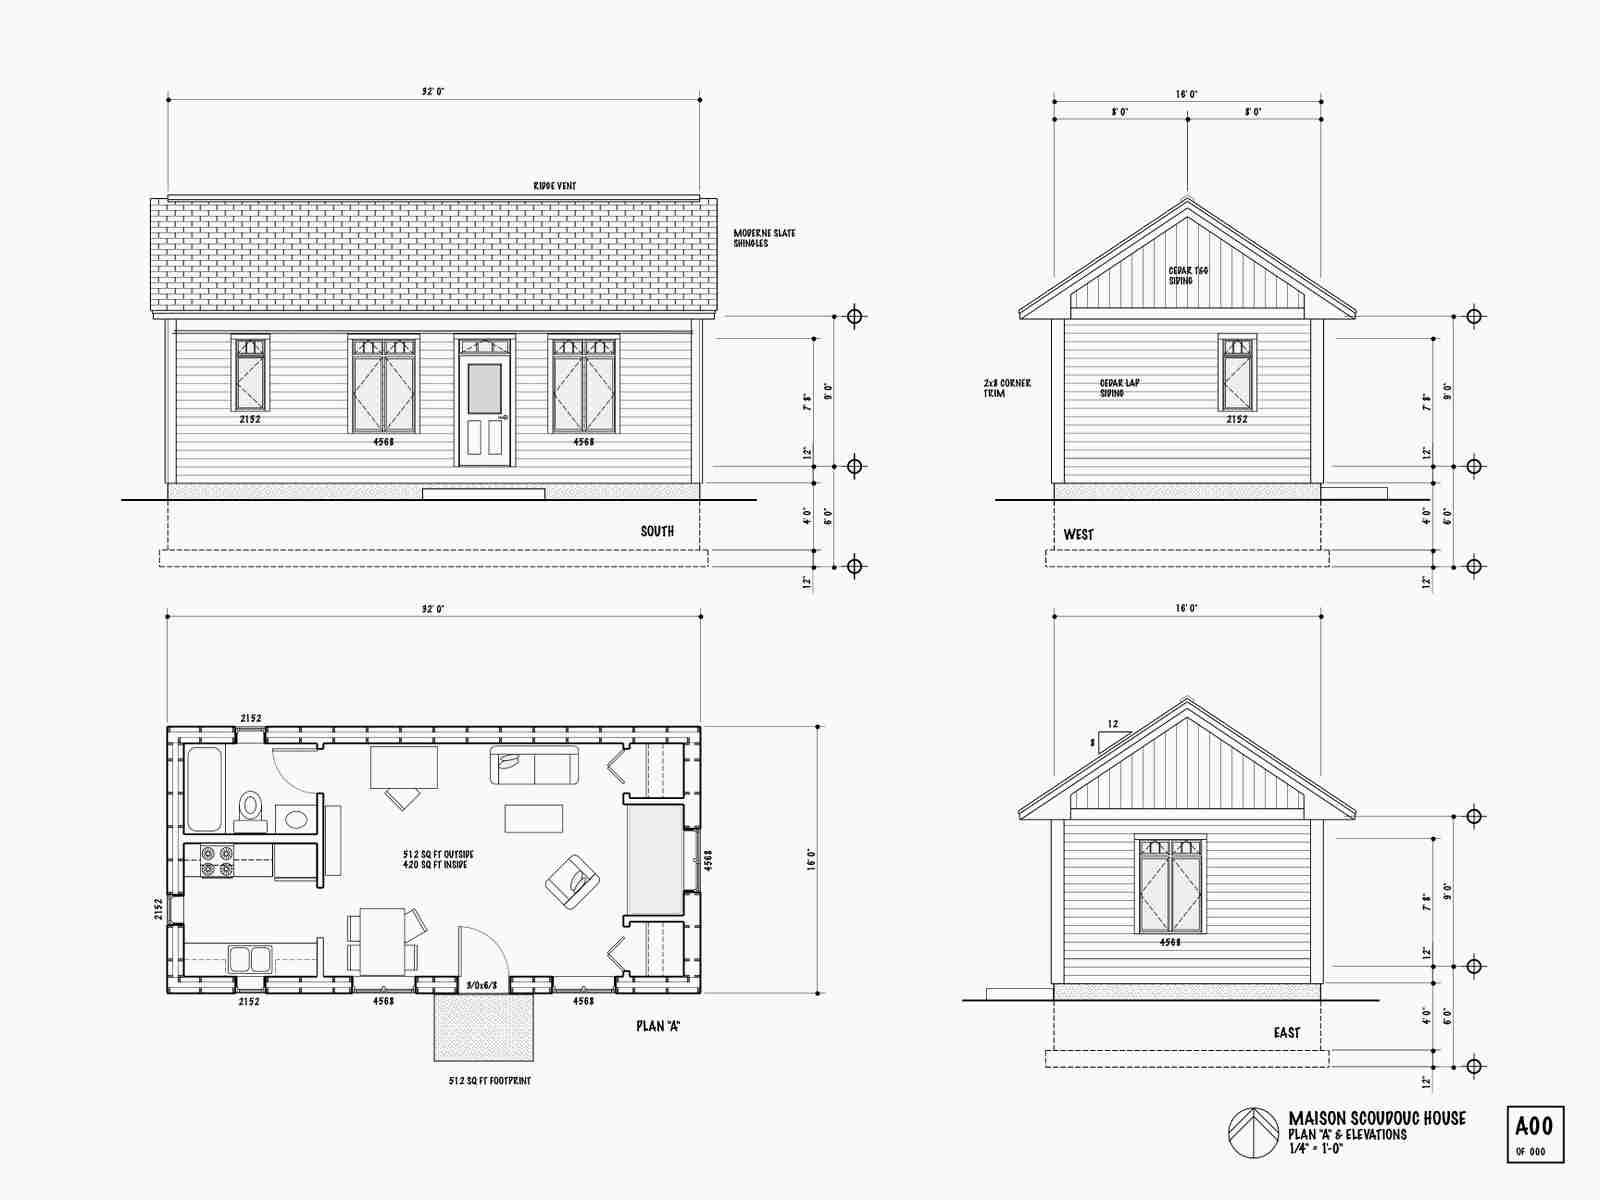 Faire un plan de maison simple - Idées de travaux